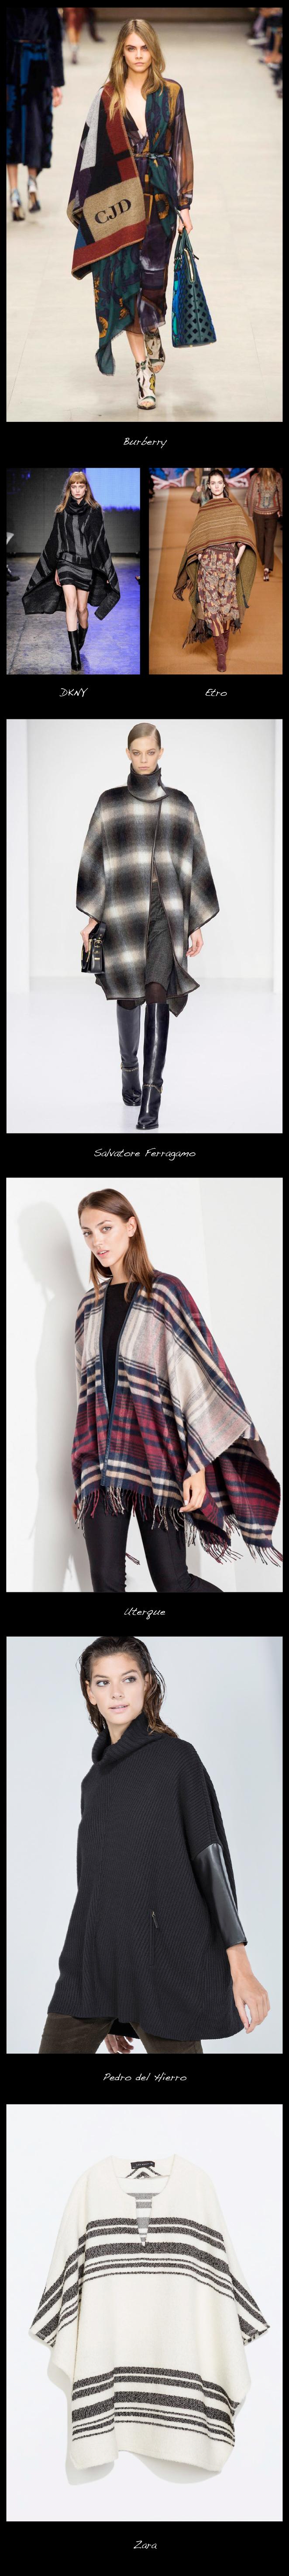 Los ponchos. Serán la prenda estrella este otoño-invierno. Burberry Prorsum sorprendió a todos en su desfile cuando vistió a todas sus modelos con mantas de lana con las iniciales de cada una bordadas en las prendas.